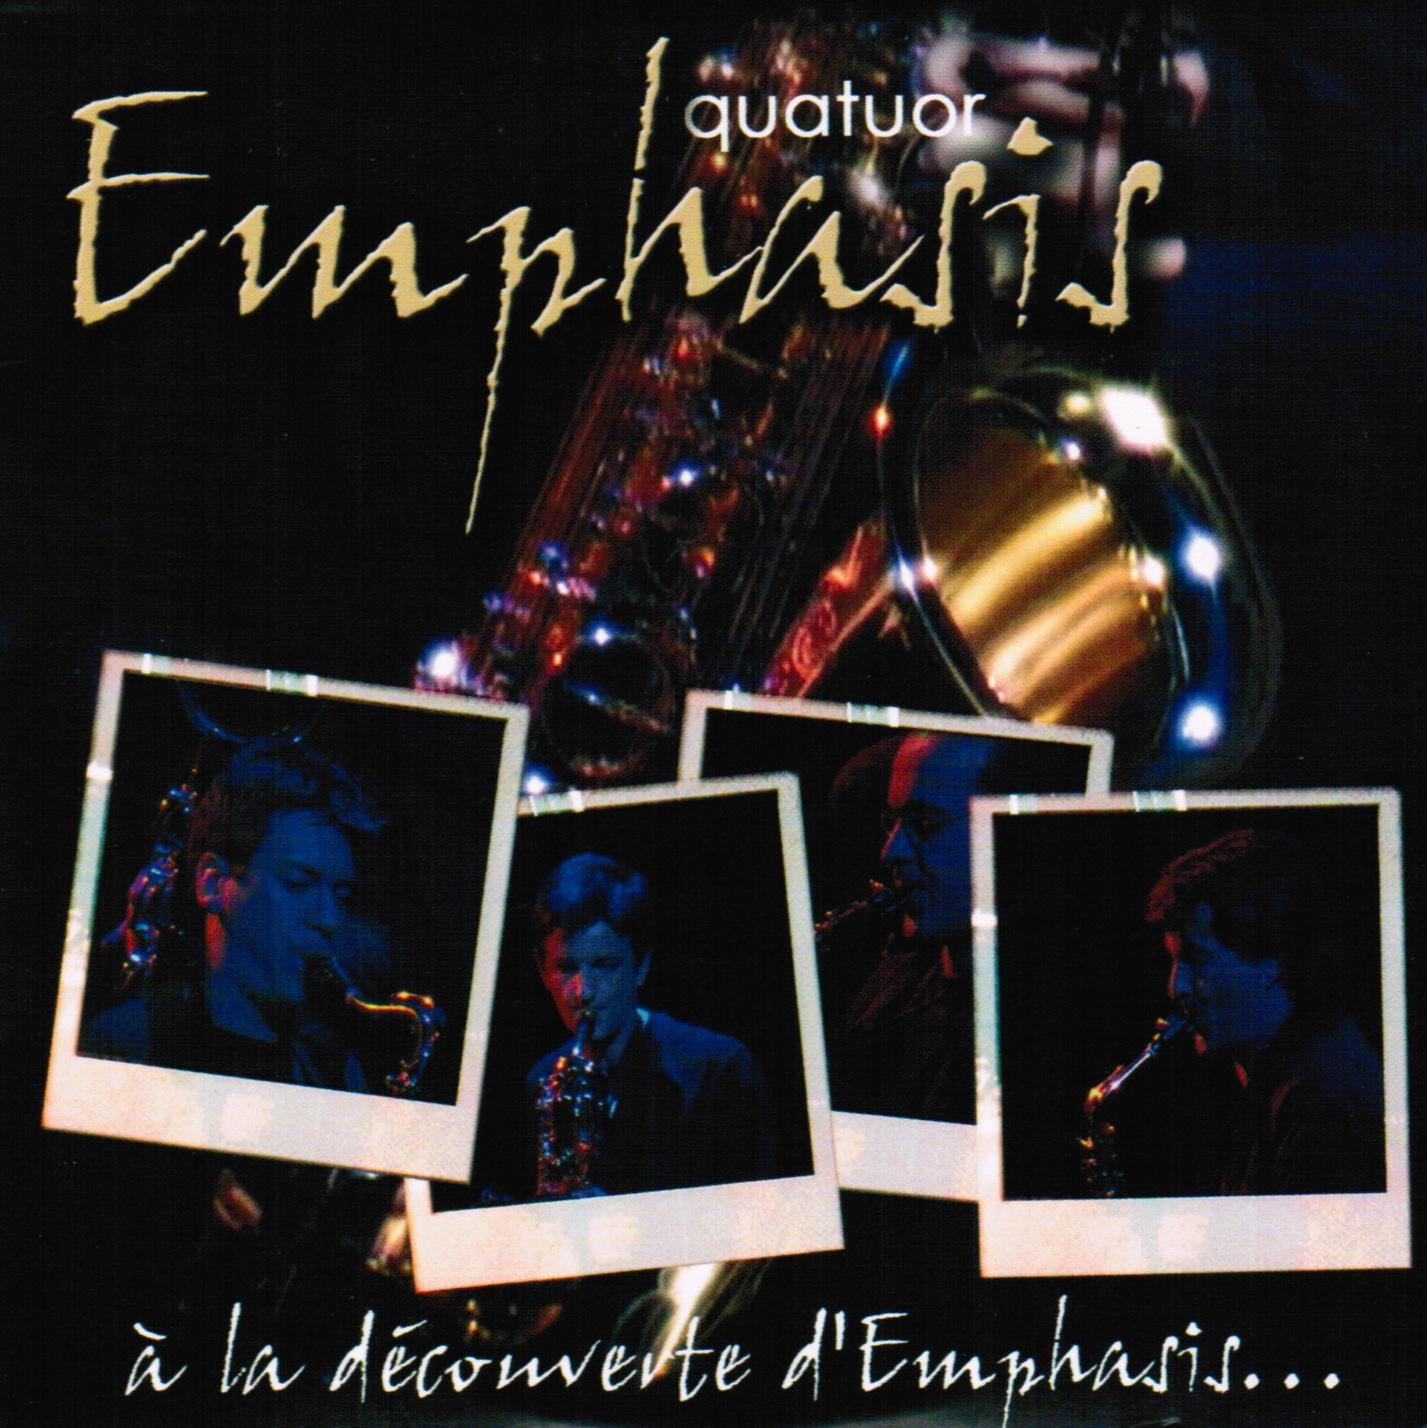 QUATUOR EMPHASIS - 2006